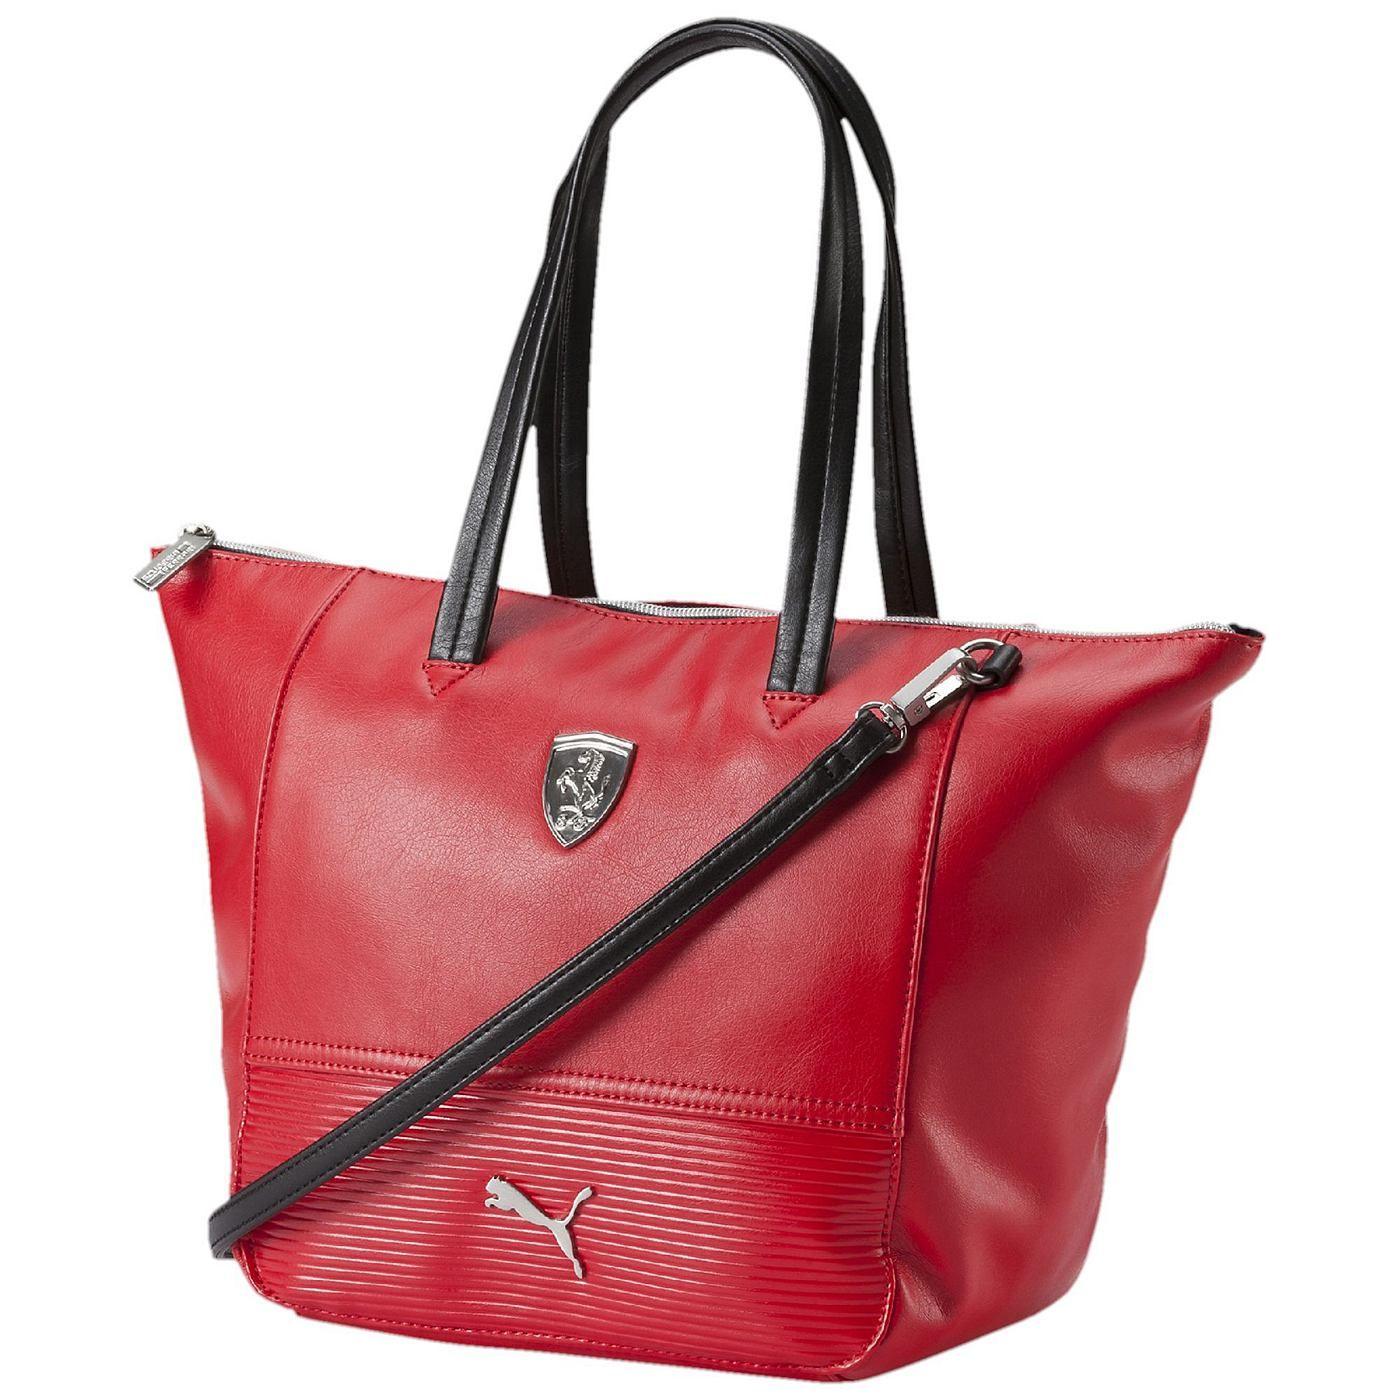 ae1dfa8c7e252 Ferrari Handtasche Diese langlebige Ferrari-Handtasche von PUMA ergänzt  dein sportliches Outfit perfekt. Und sie lässt den erfolgreichsten ...